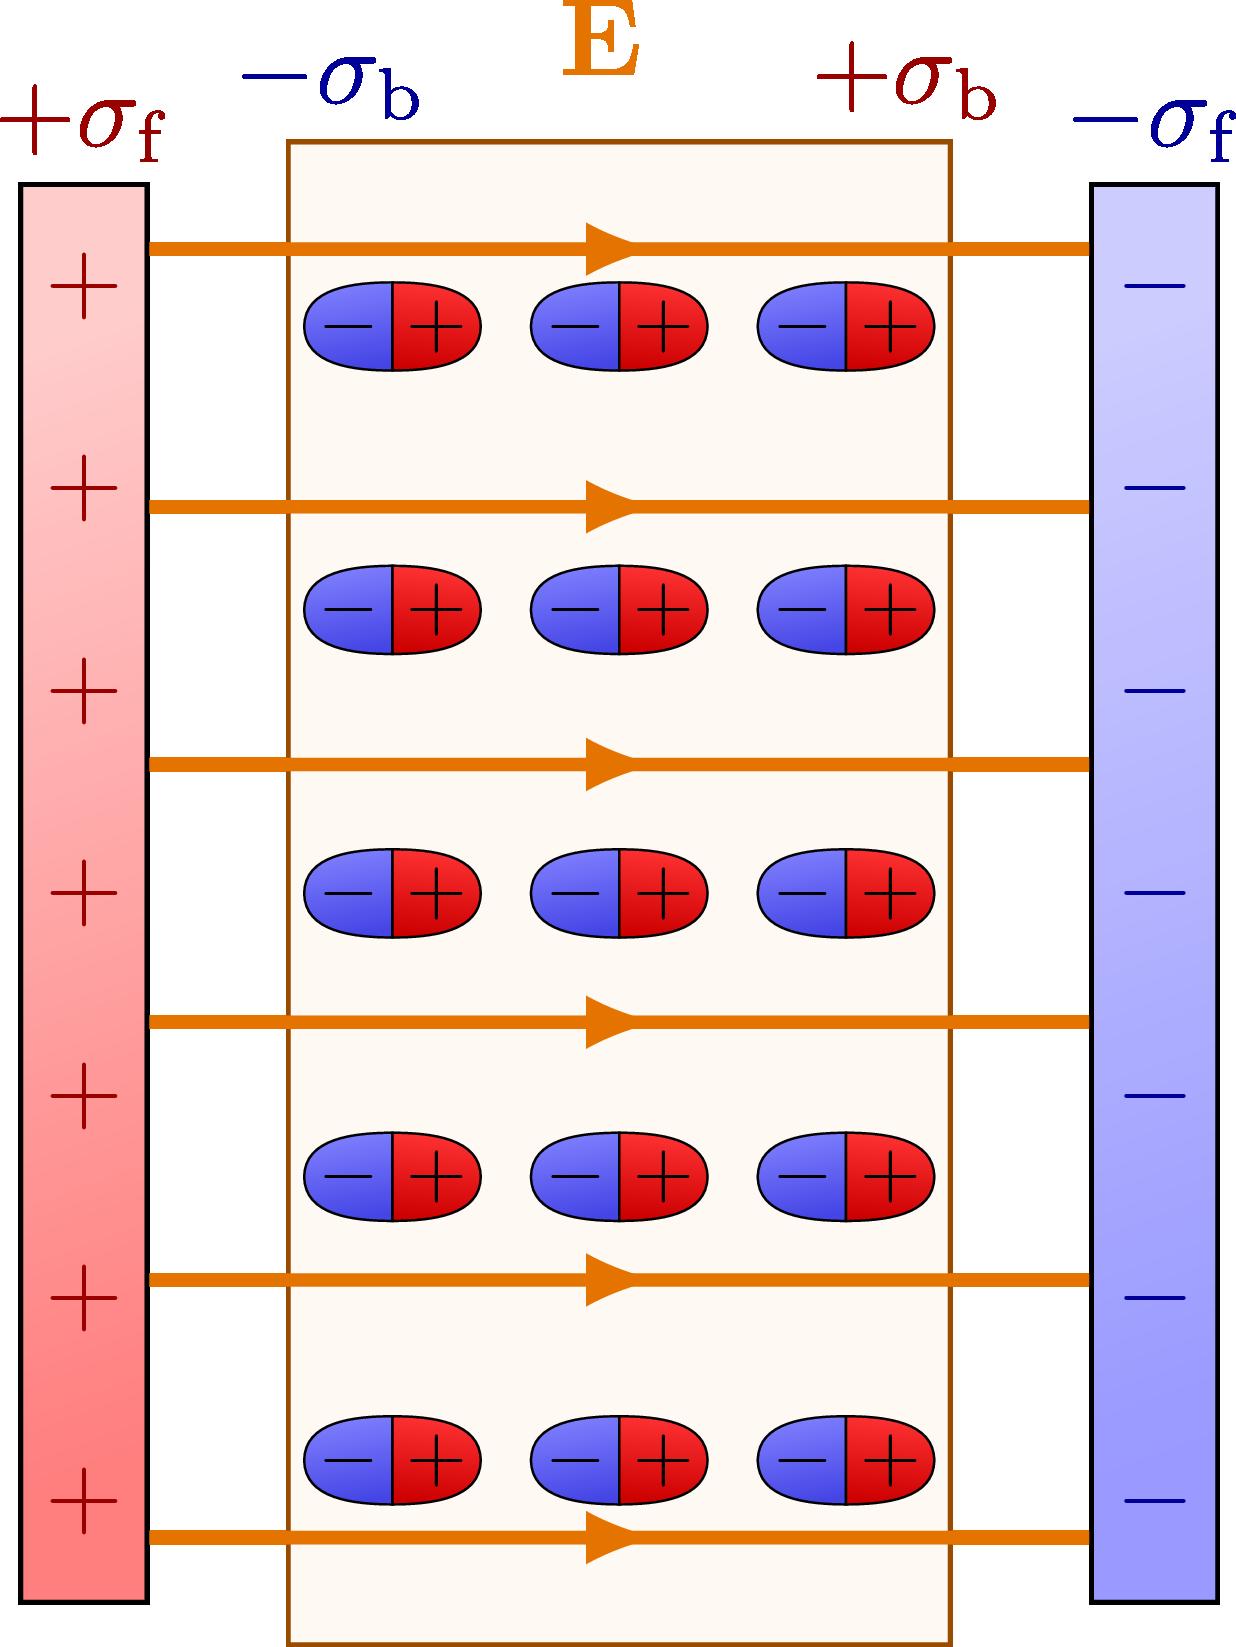 capacitors-005.png